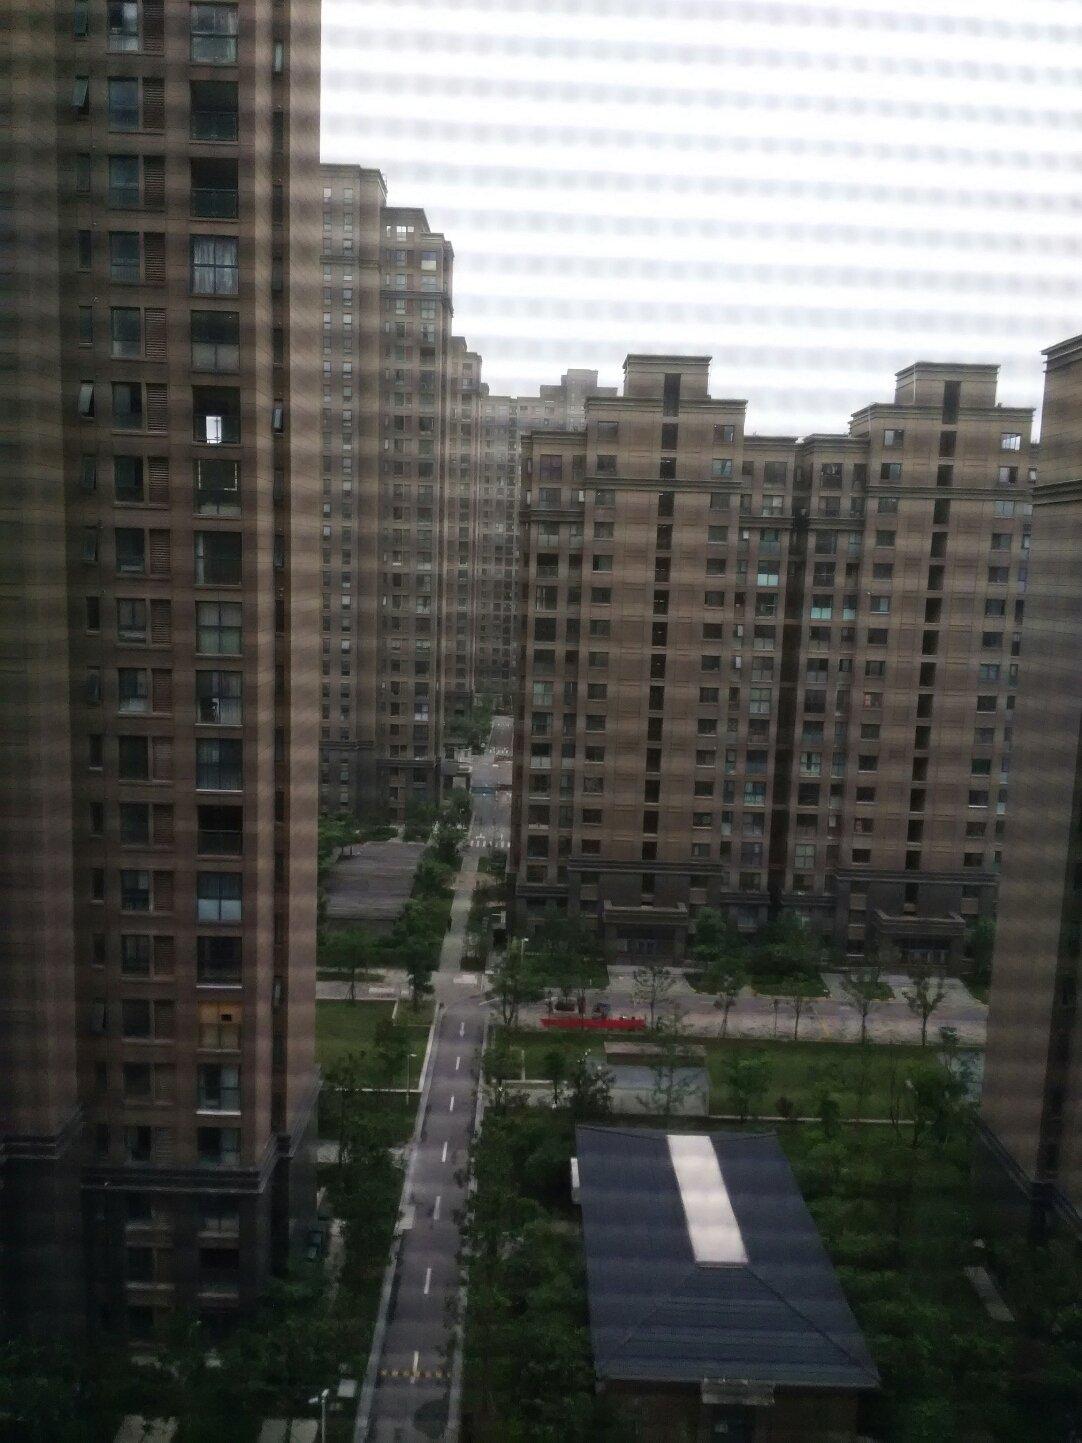 江苏省吴县市(现吴中区、相城区)相城区水韵花都天气预报